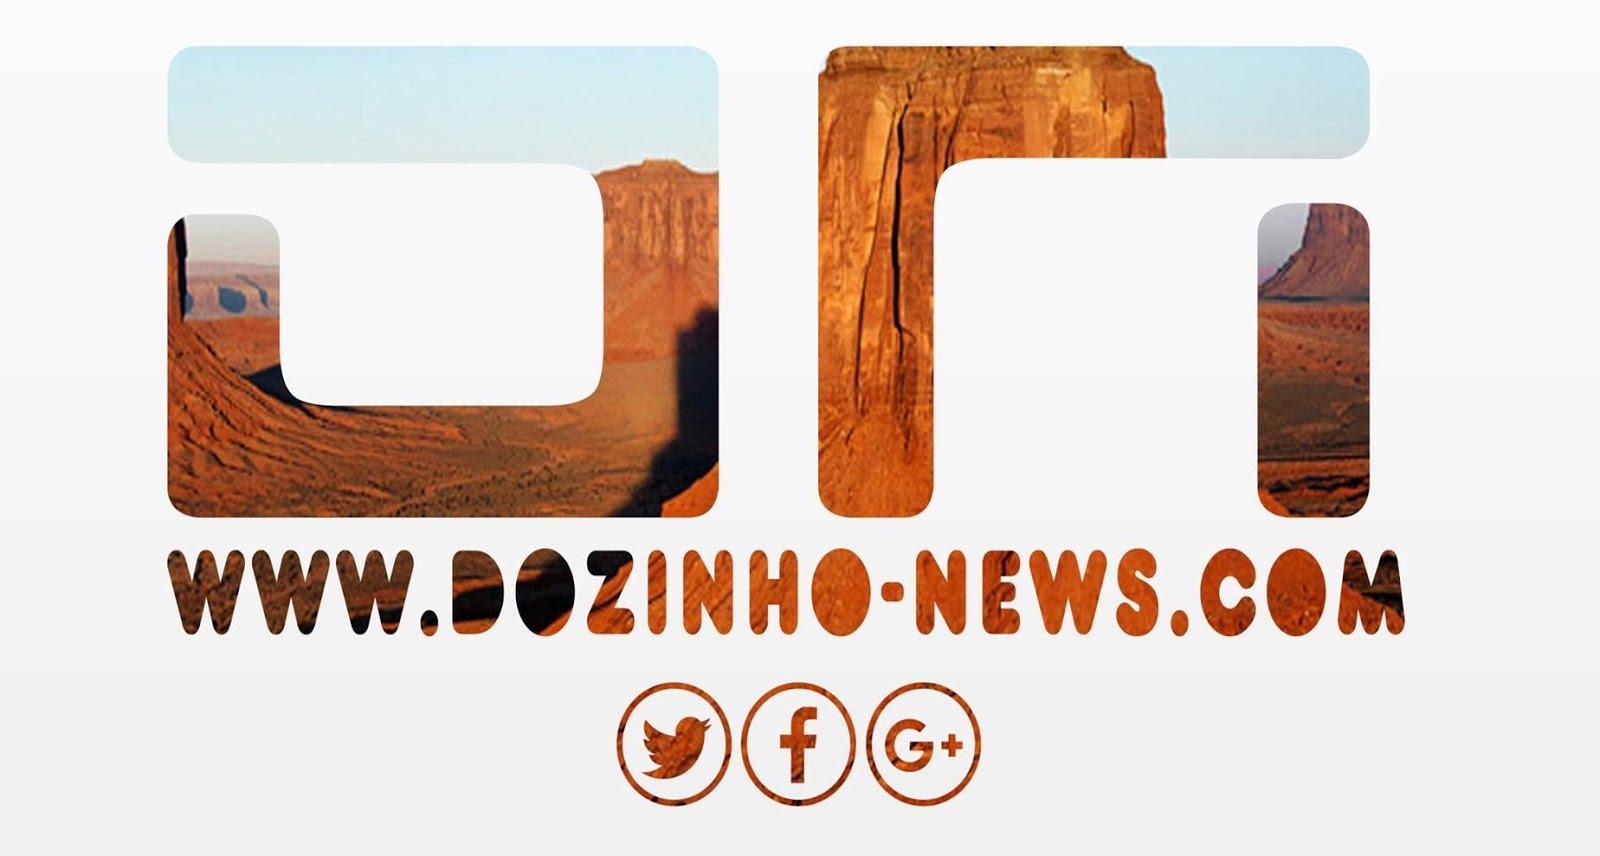 Dozinho-news.com | Portal De Musicas